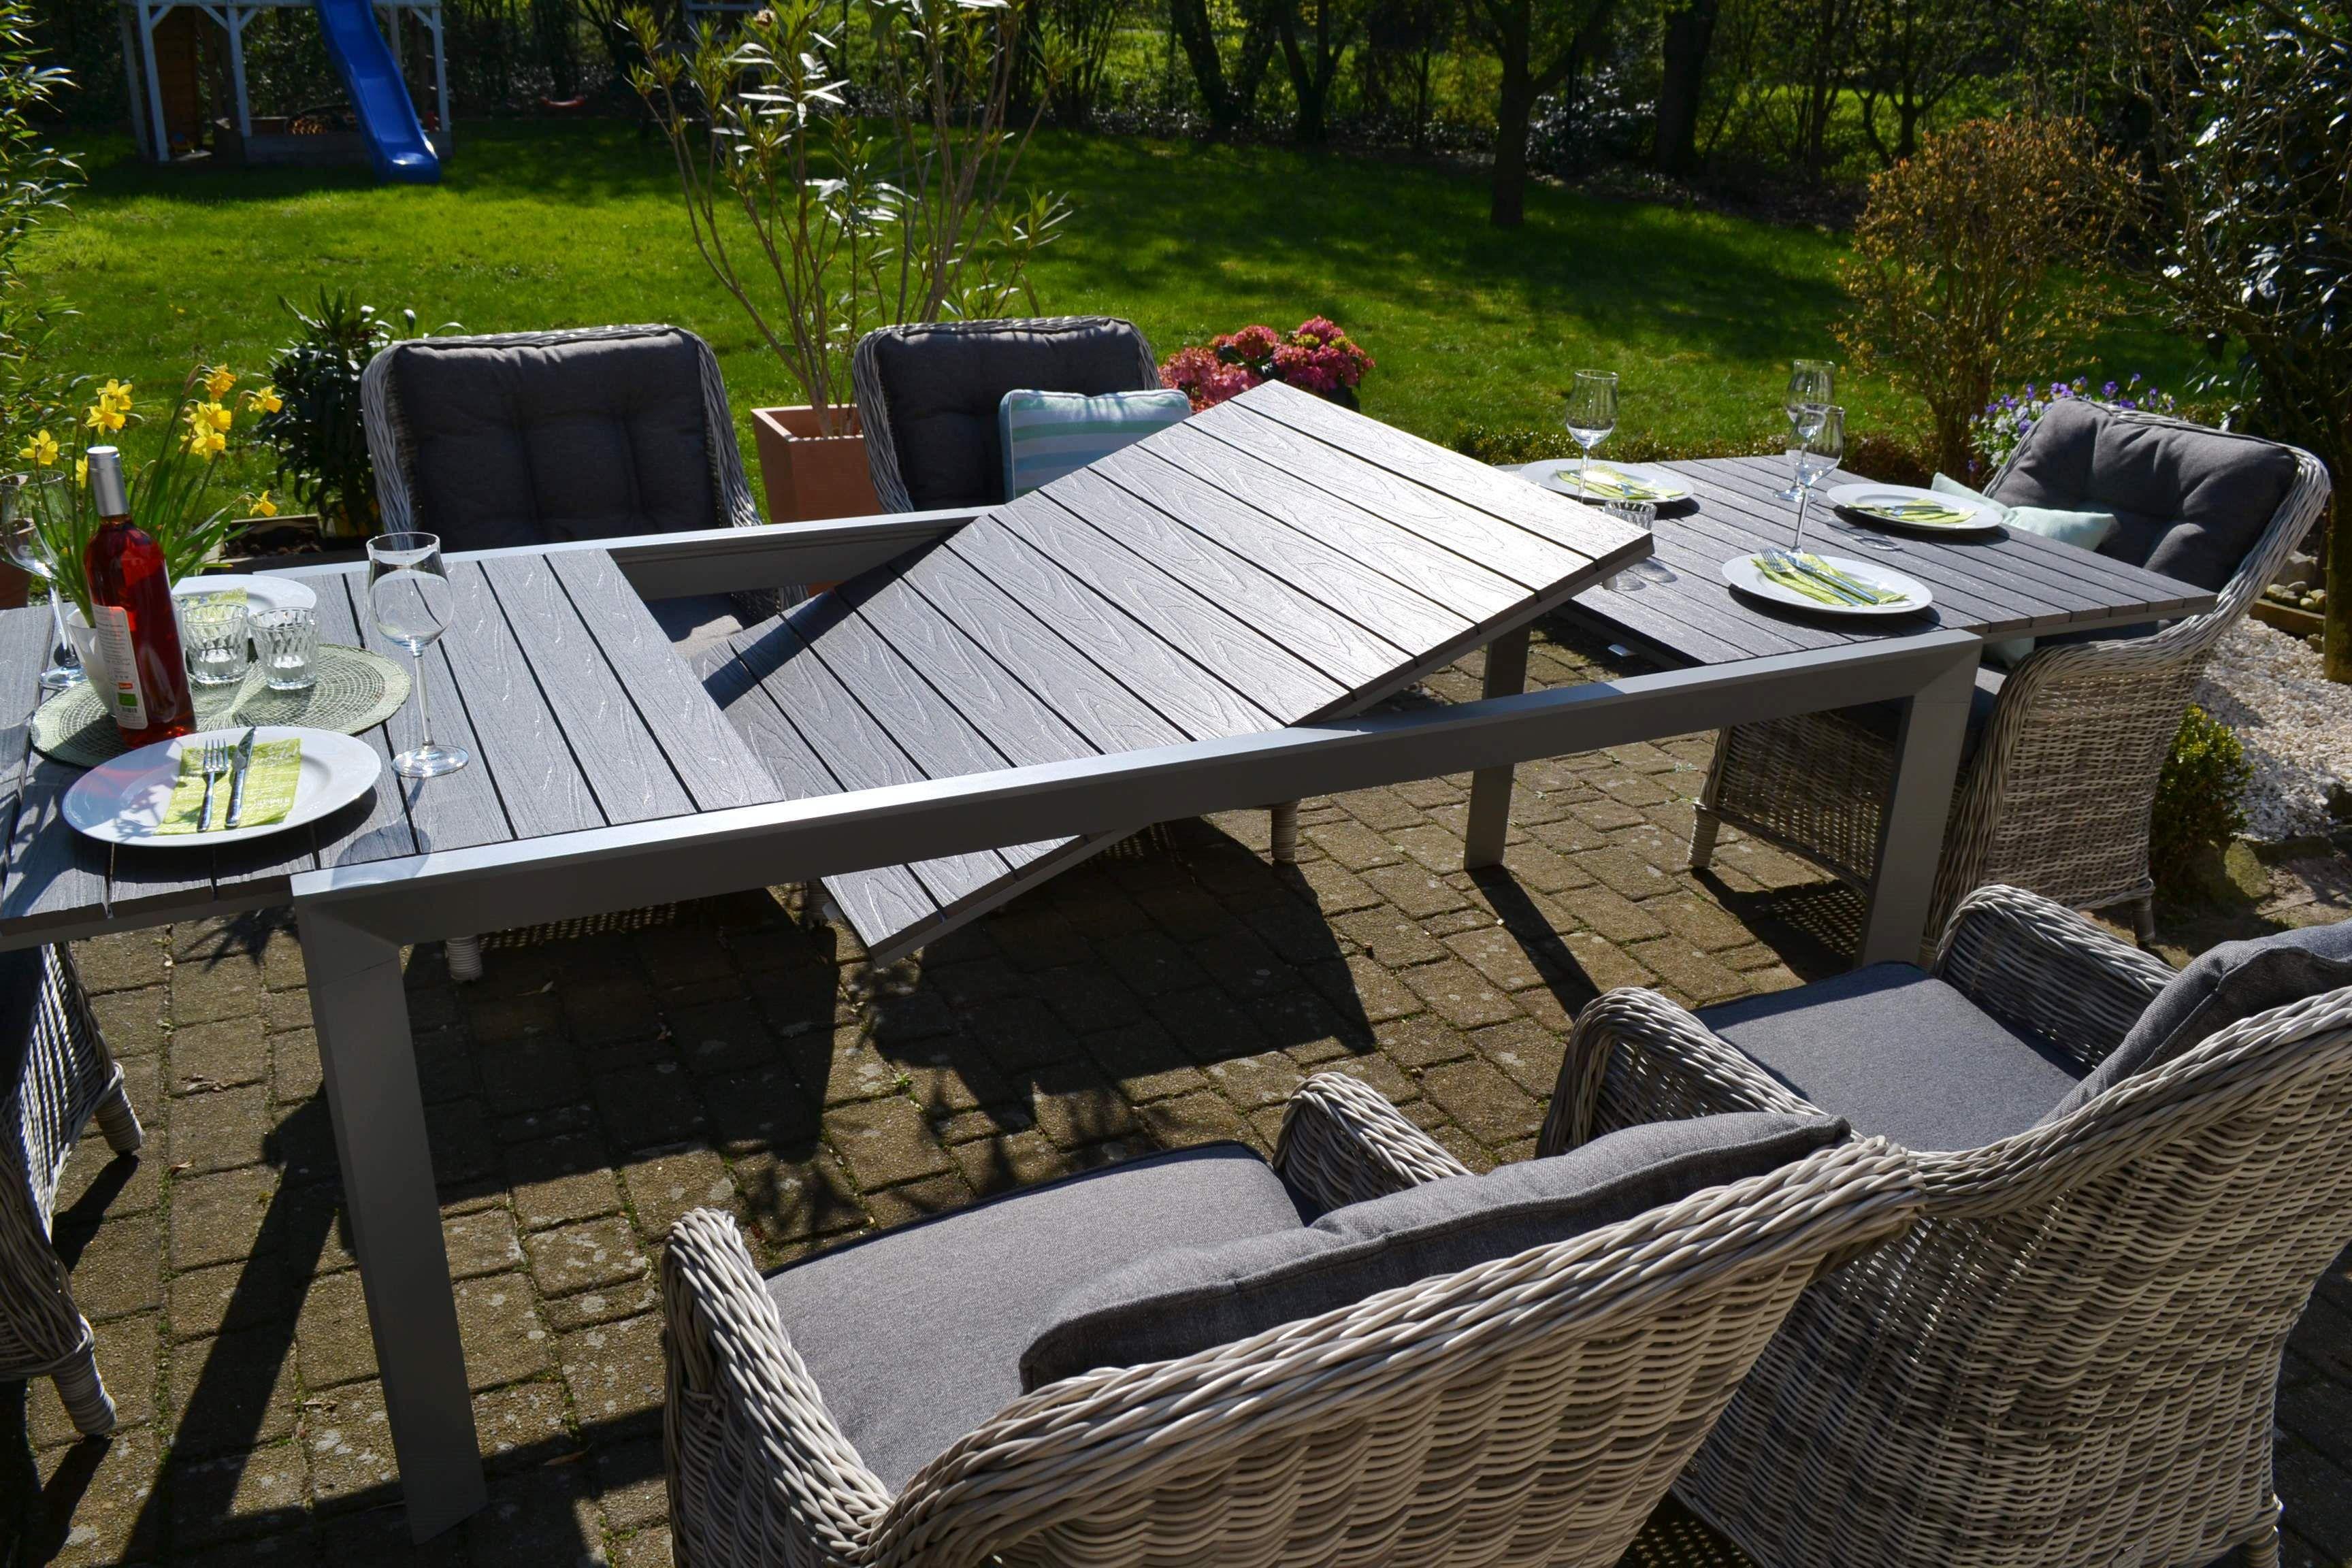 Essgruppe Neapel Xl Tisch Verlangerbar 203 305x100cm 8 Sessel Grau Polster Grau Sessel Grau Essgruppe Gartenmobel